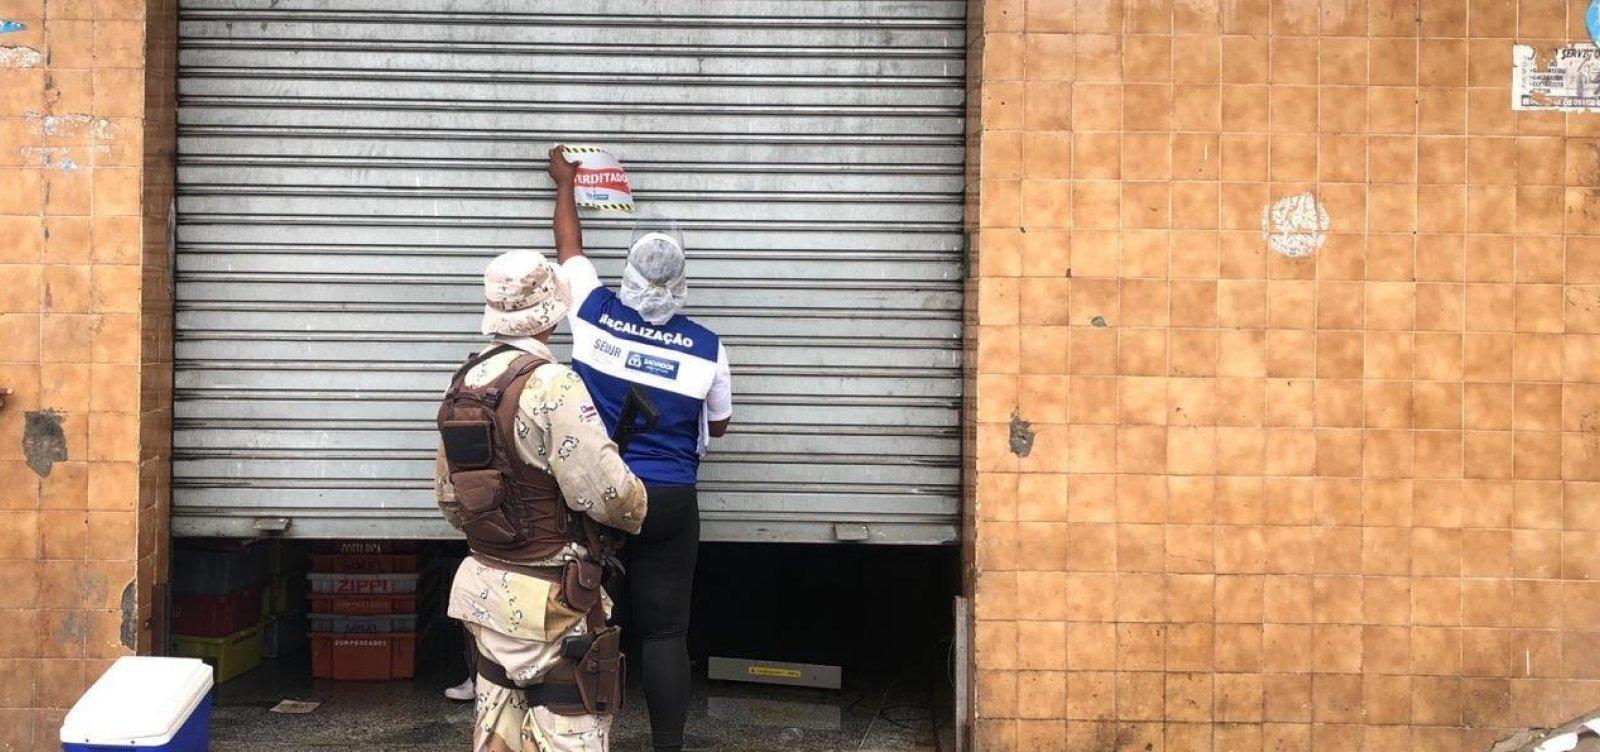 [Sedur interdita 160 estabelecimentos em bairros com medidas restritivas nesta quinta]